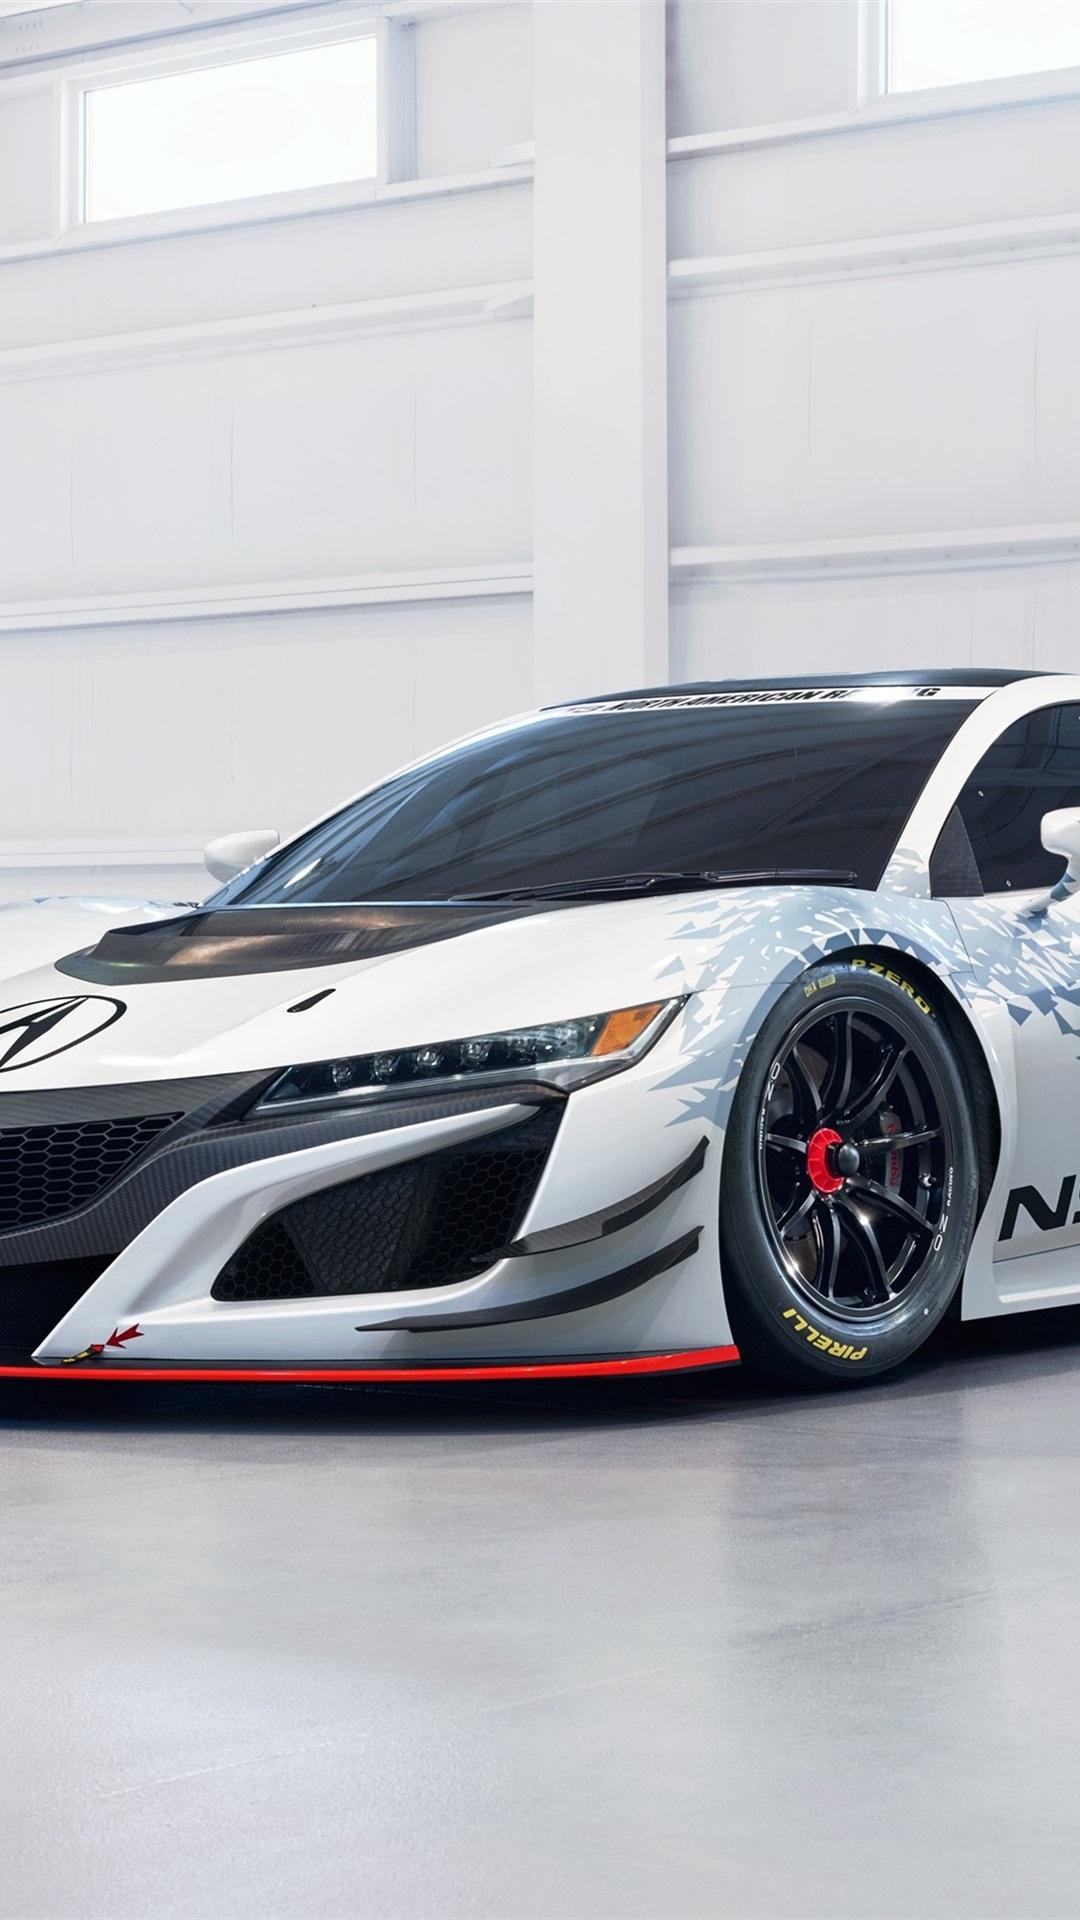 Acura NSX GT3 supercar 1080x1920 iPhone 8/7/6/6S Plus